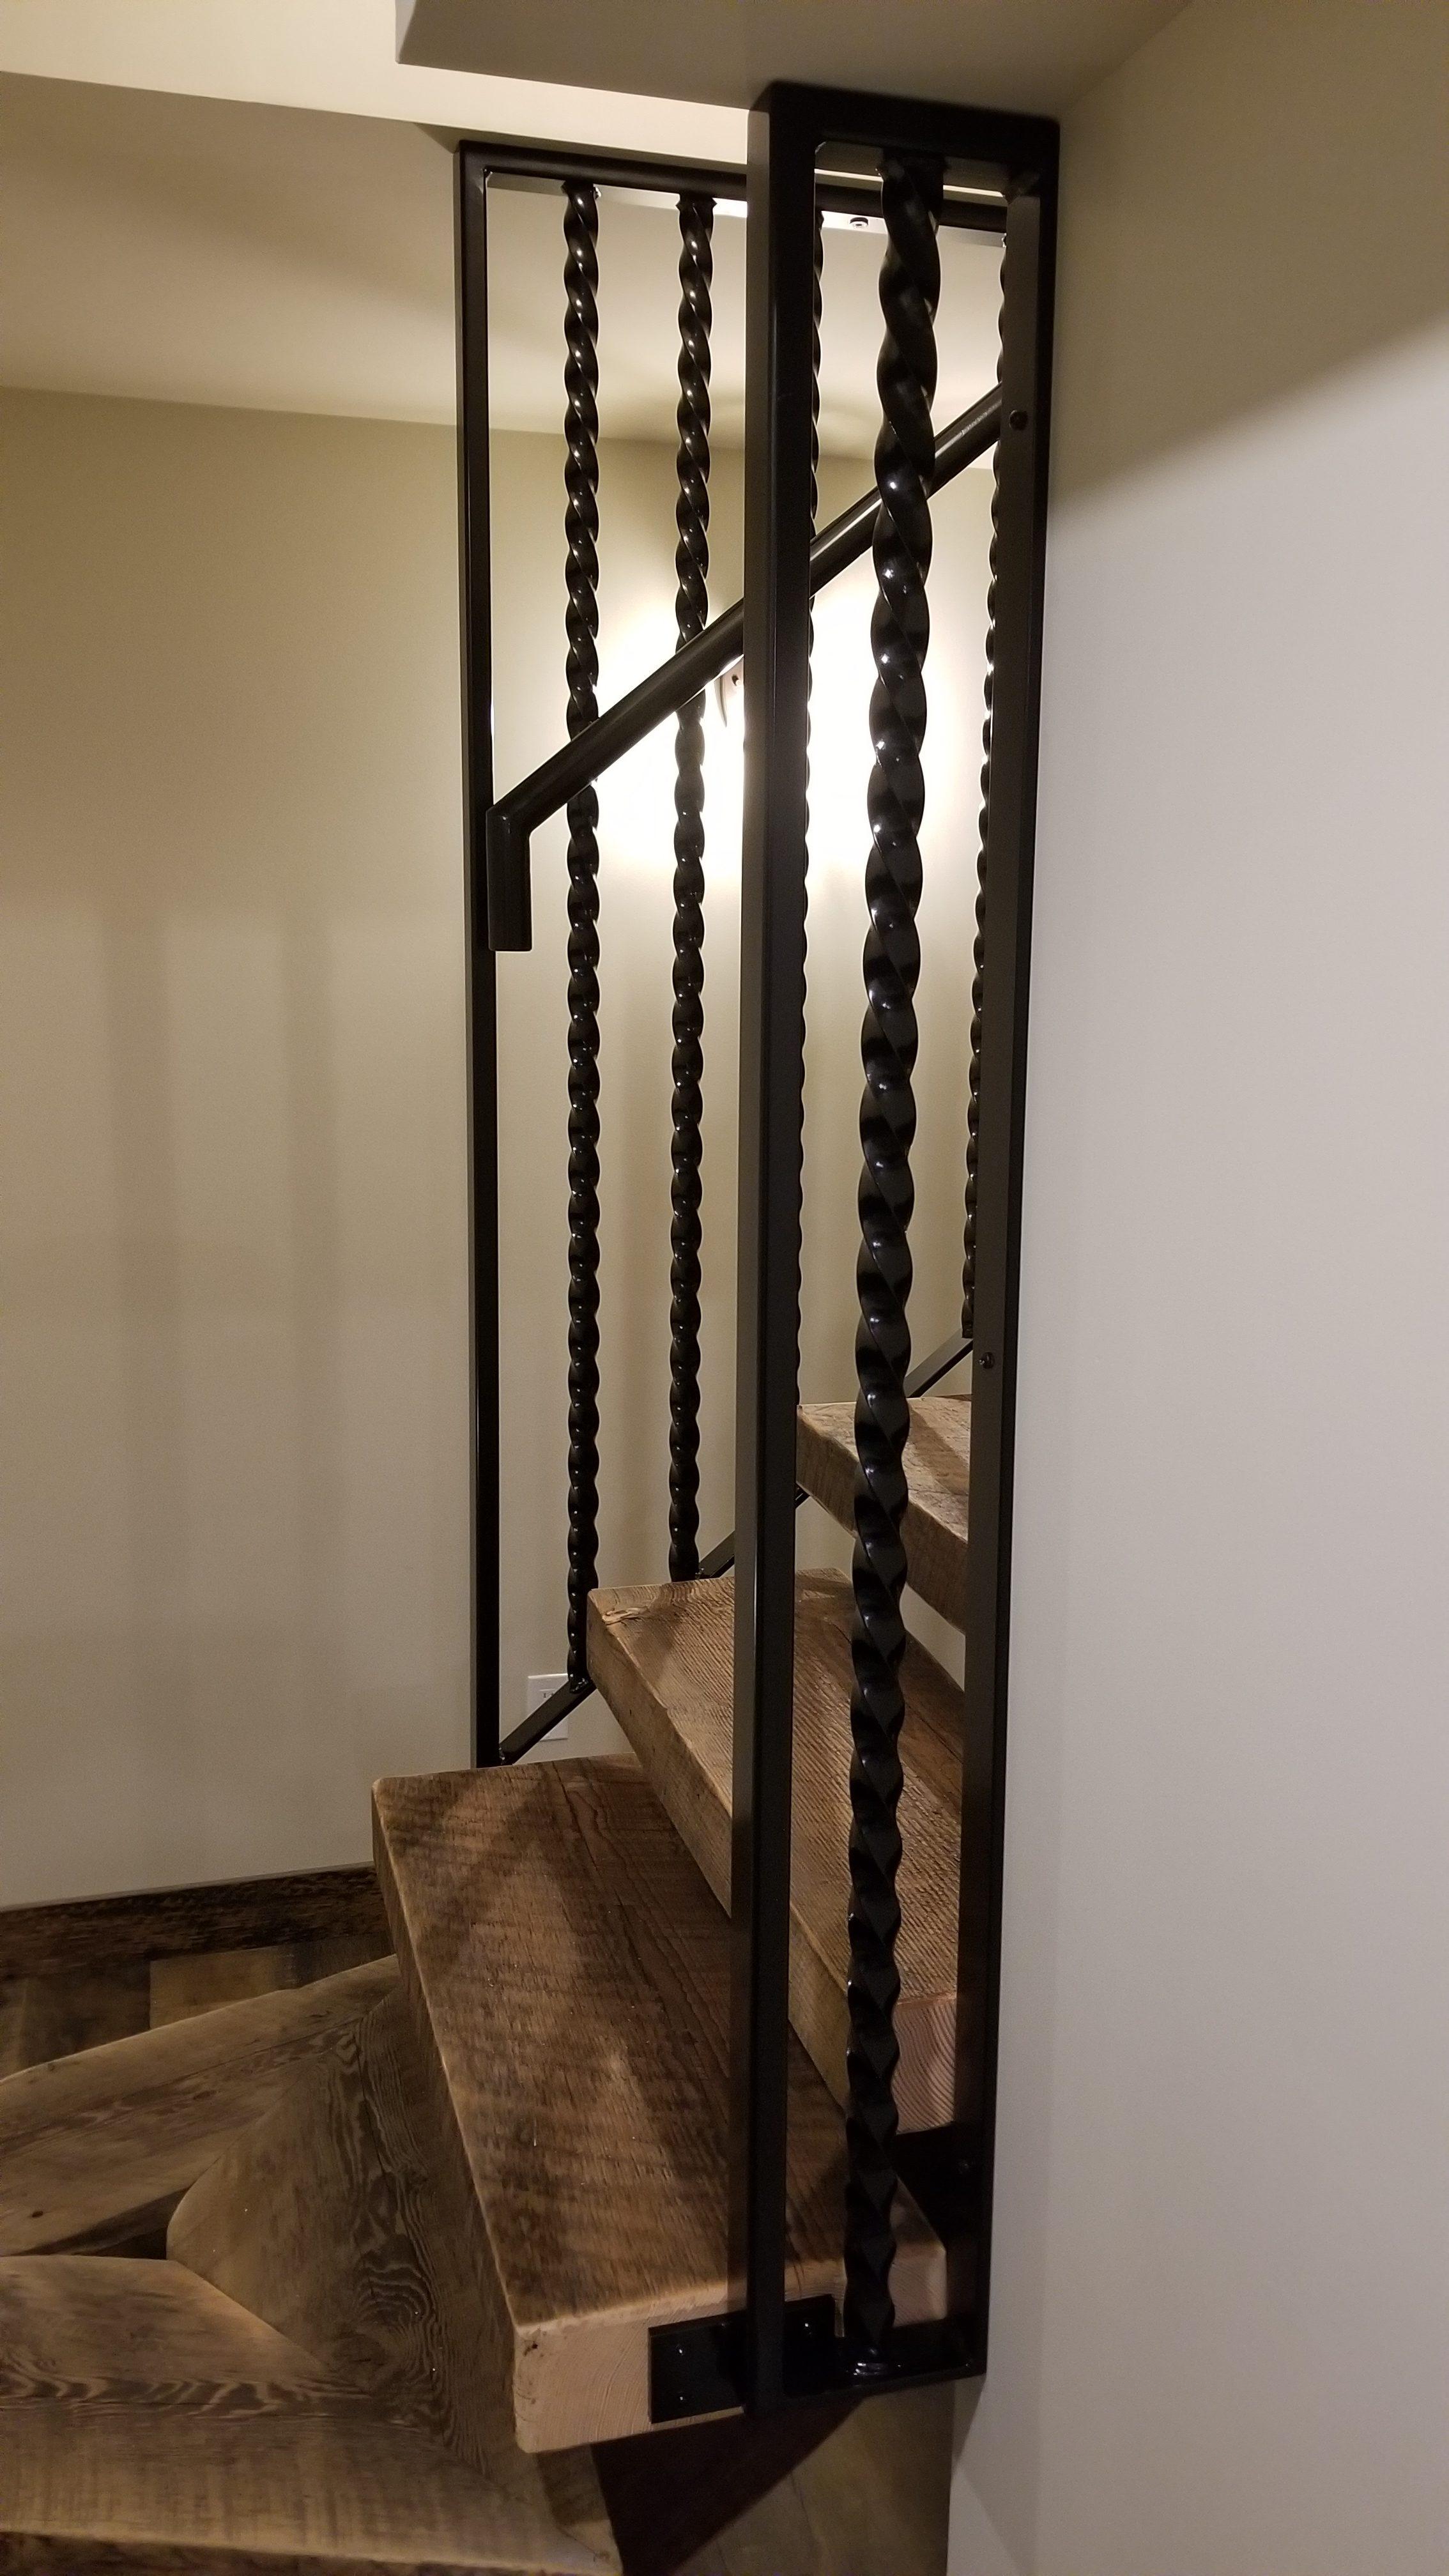 mono stringer staircase portfolio 19-10